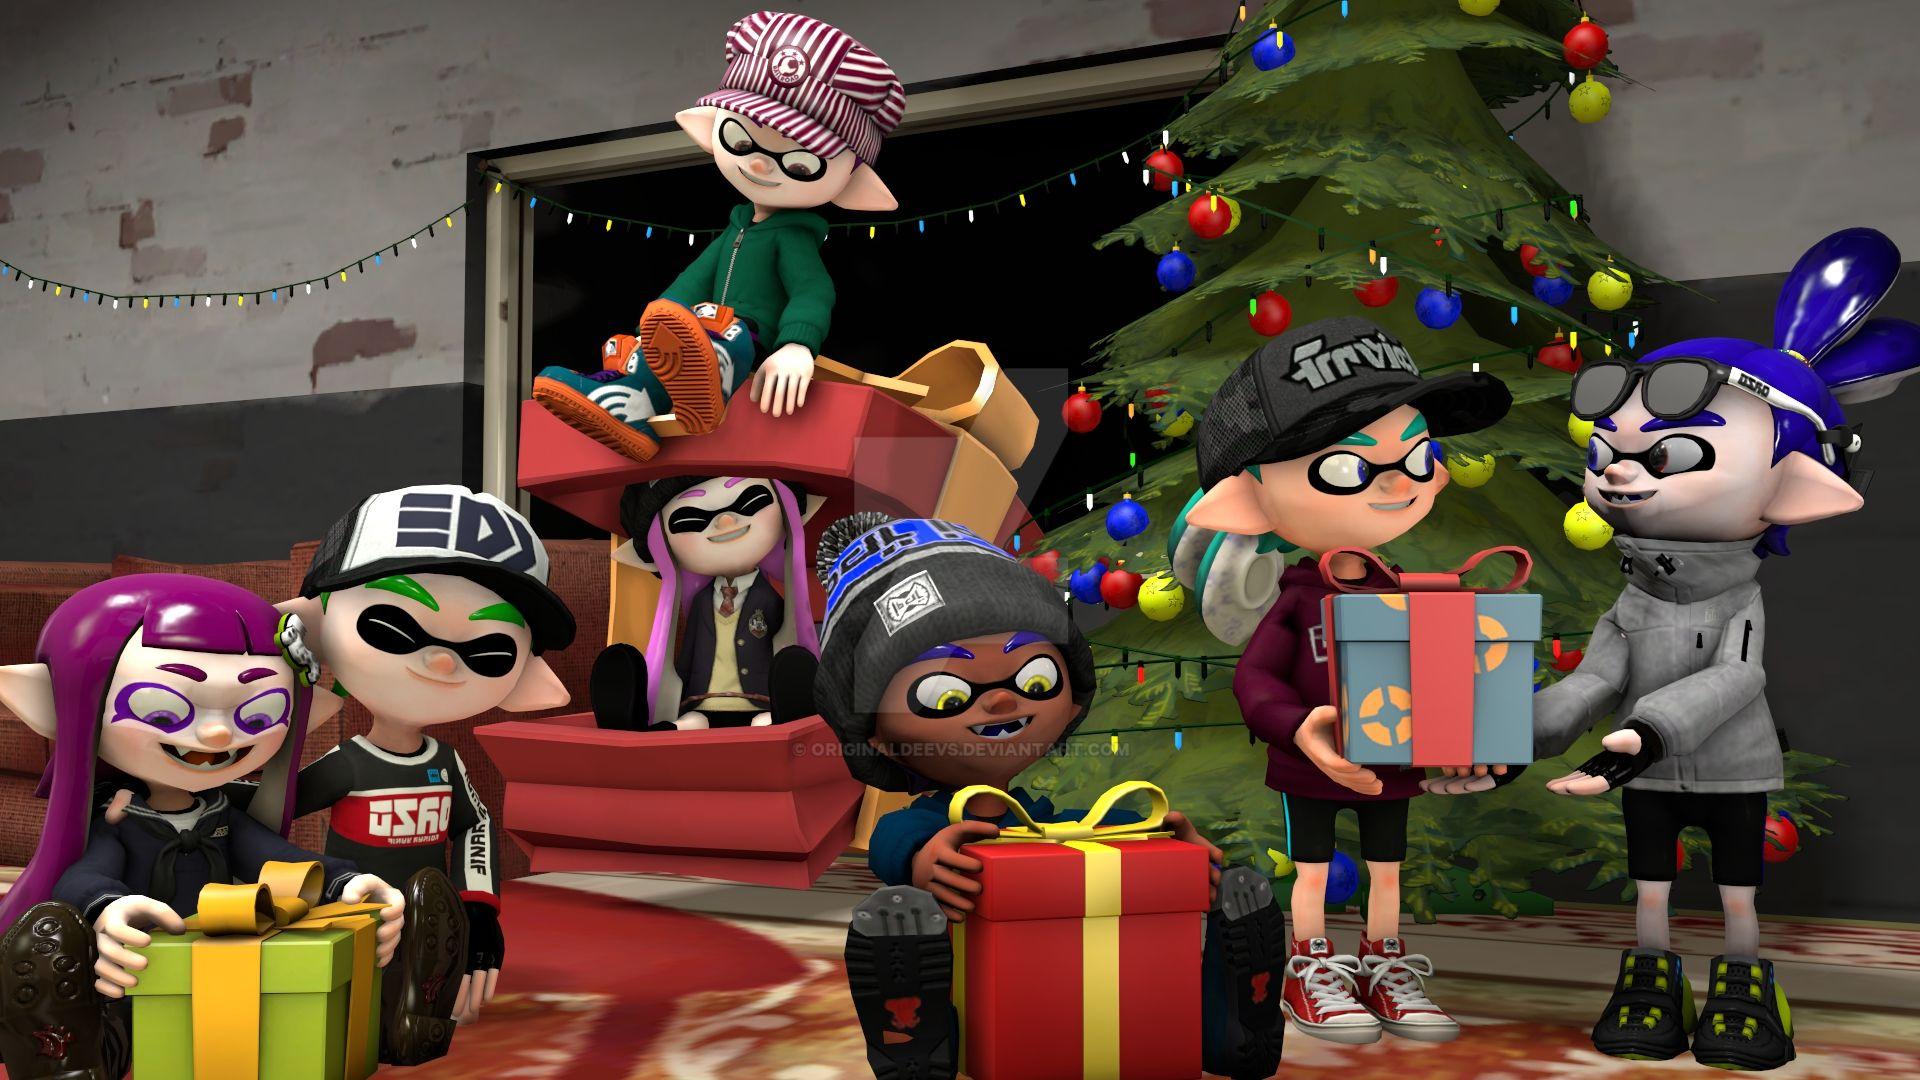 Christmas poster by OriginalDeevs